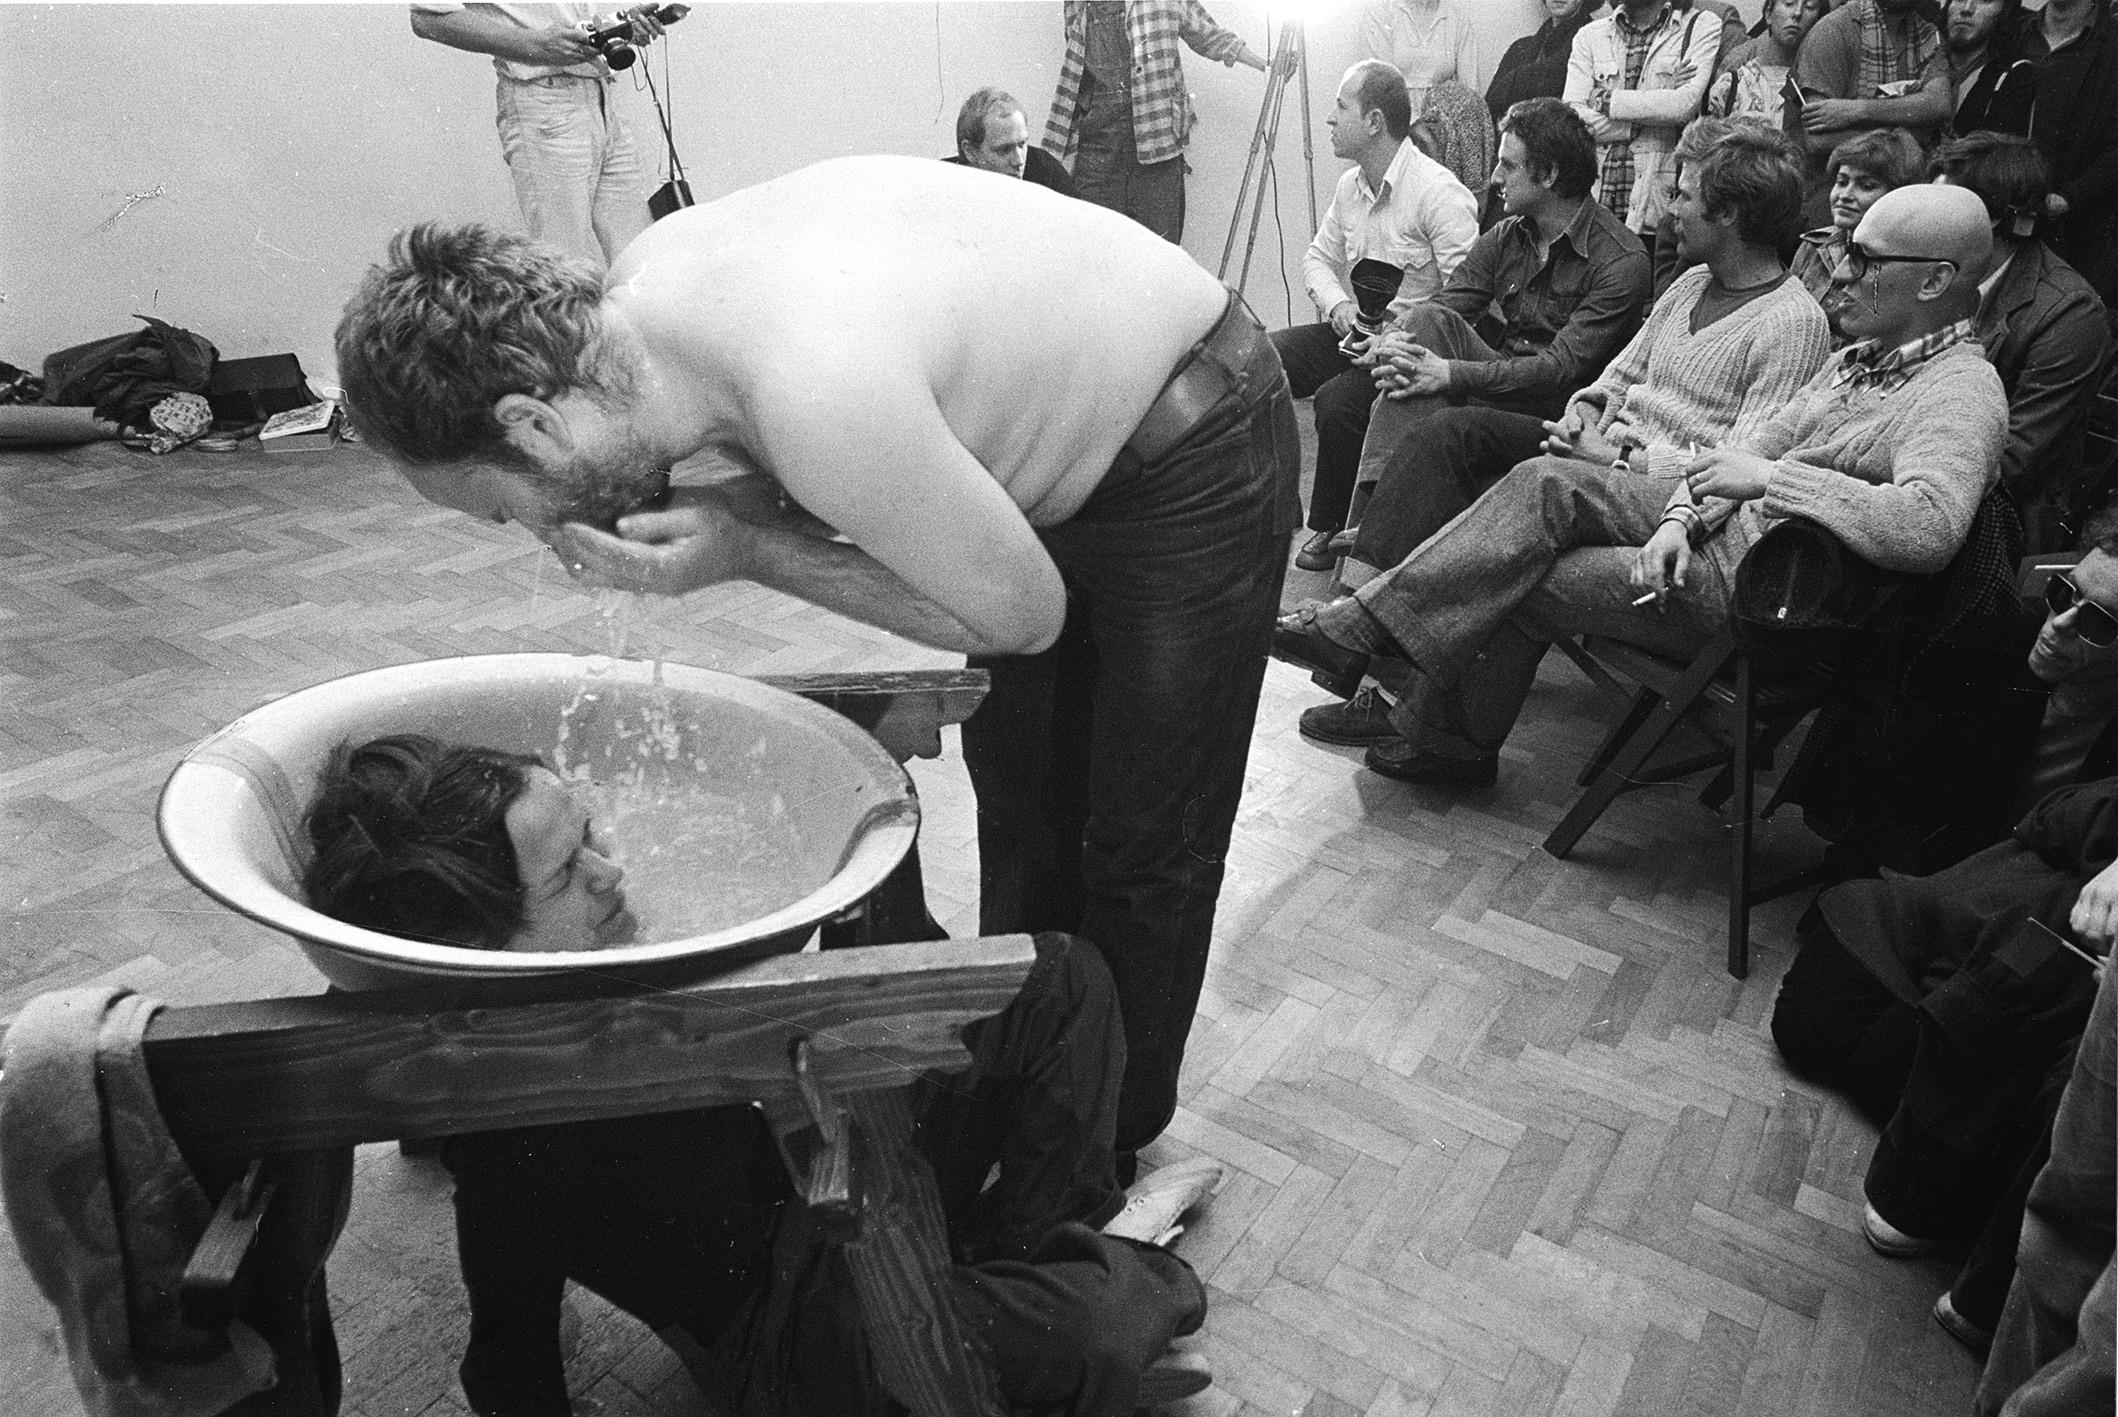 """KwieKulik """"Activities on the Head"""", performance in Labirynt galery, 1978, Lublin, Poland. Photo by Andrzej Polakowski."""